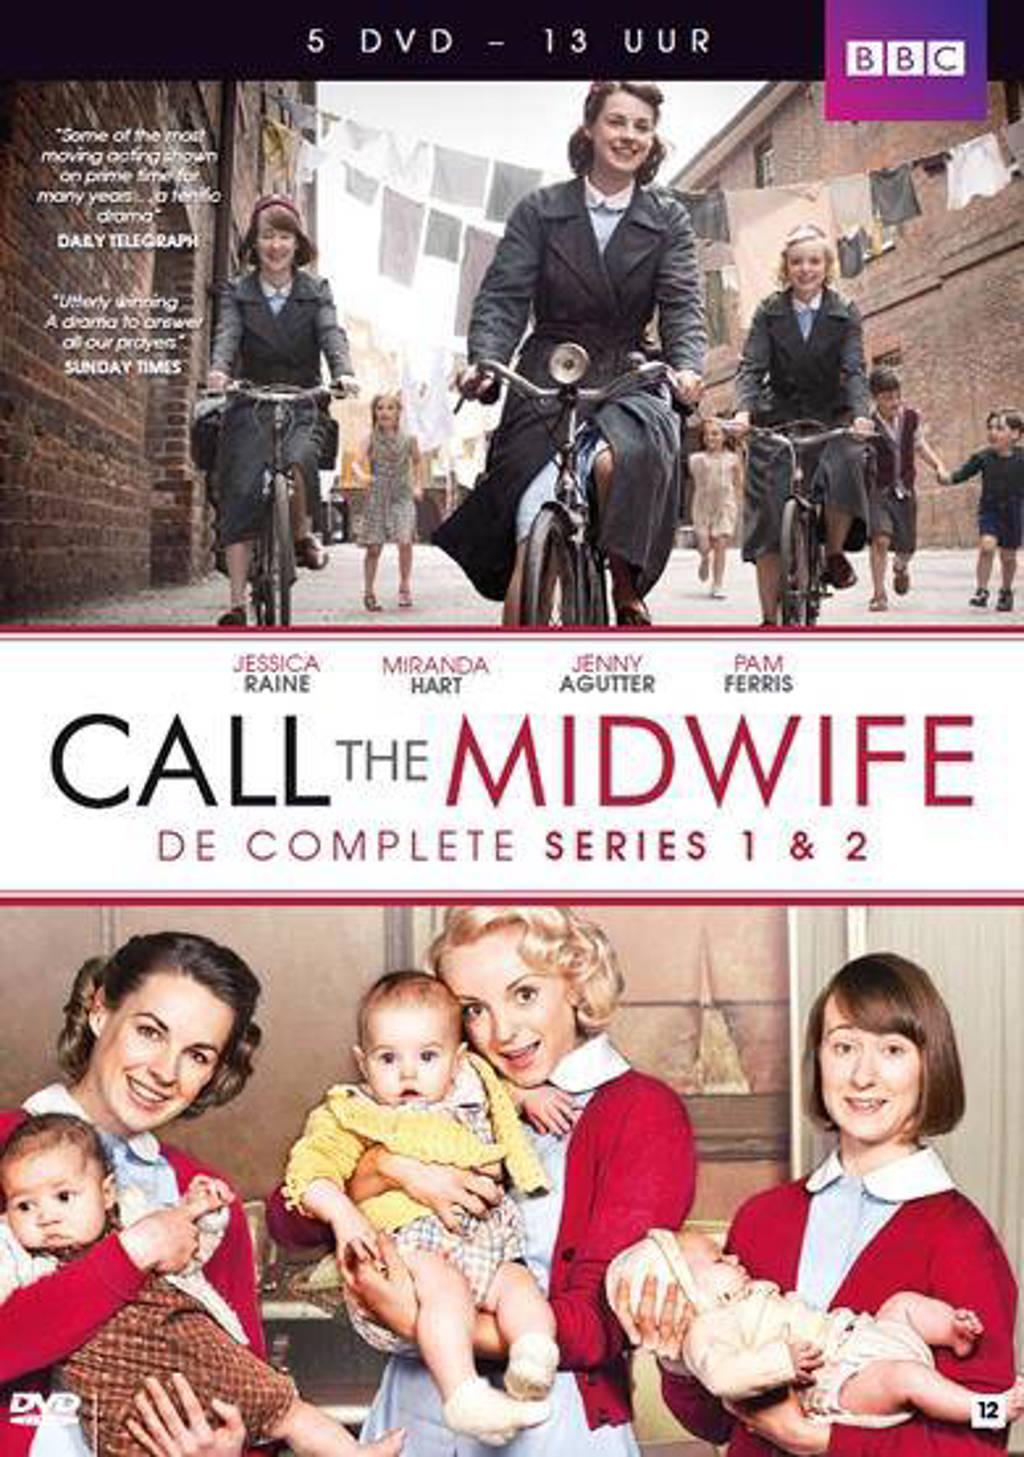 Call the midwife - Seizoen 1 & 2 (DVD)